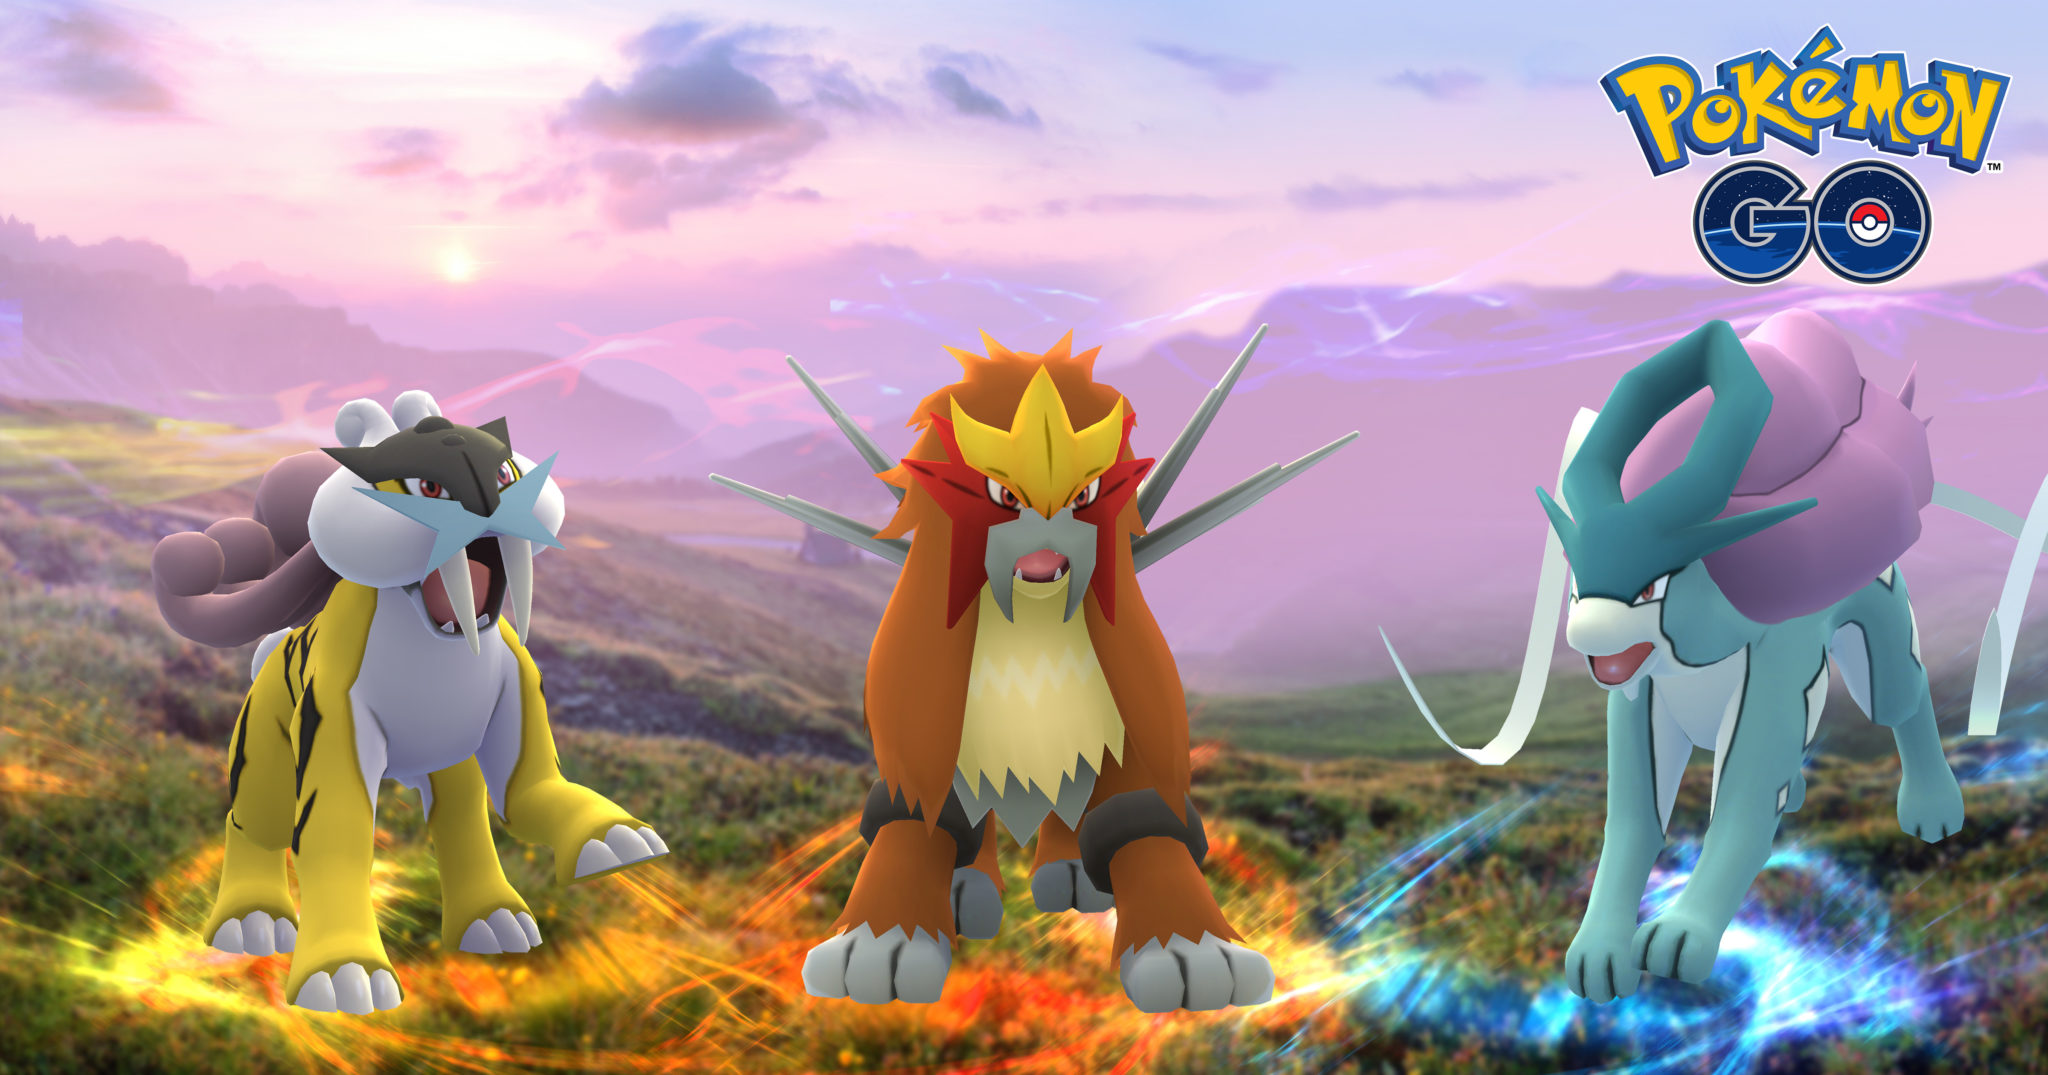 Pokémon go : Raikou, Entei et Suicune, où les trouver ?